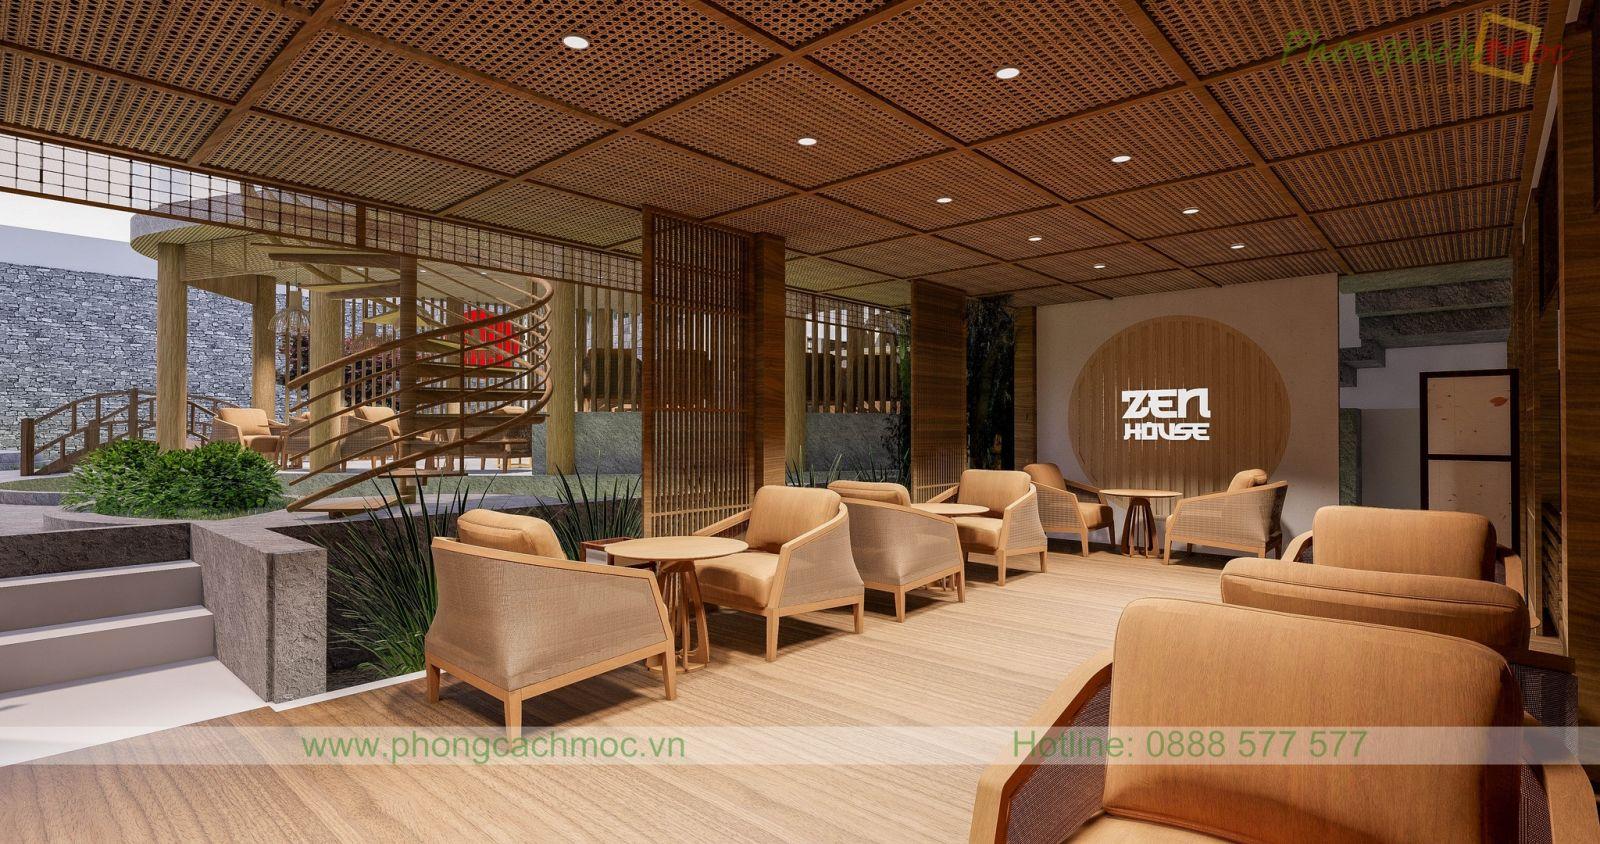 thiết kế bàn ghế nội thất hòa nhập tổng thể của nhà hàng chay phong cách nhật bản